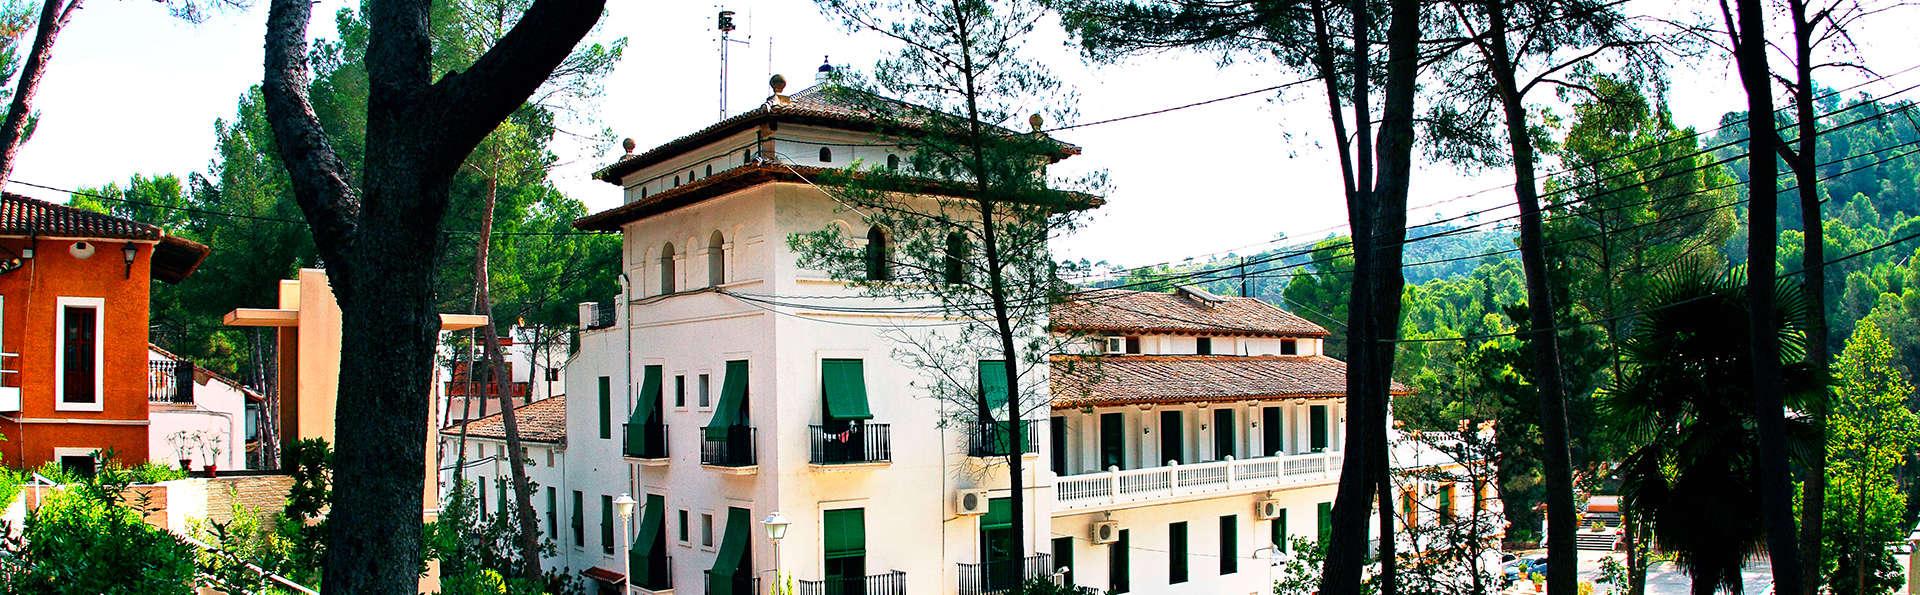 Hotel Balneario de Cofrentes  - EDIT_cofrentes.jpg